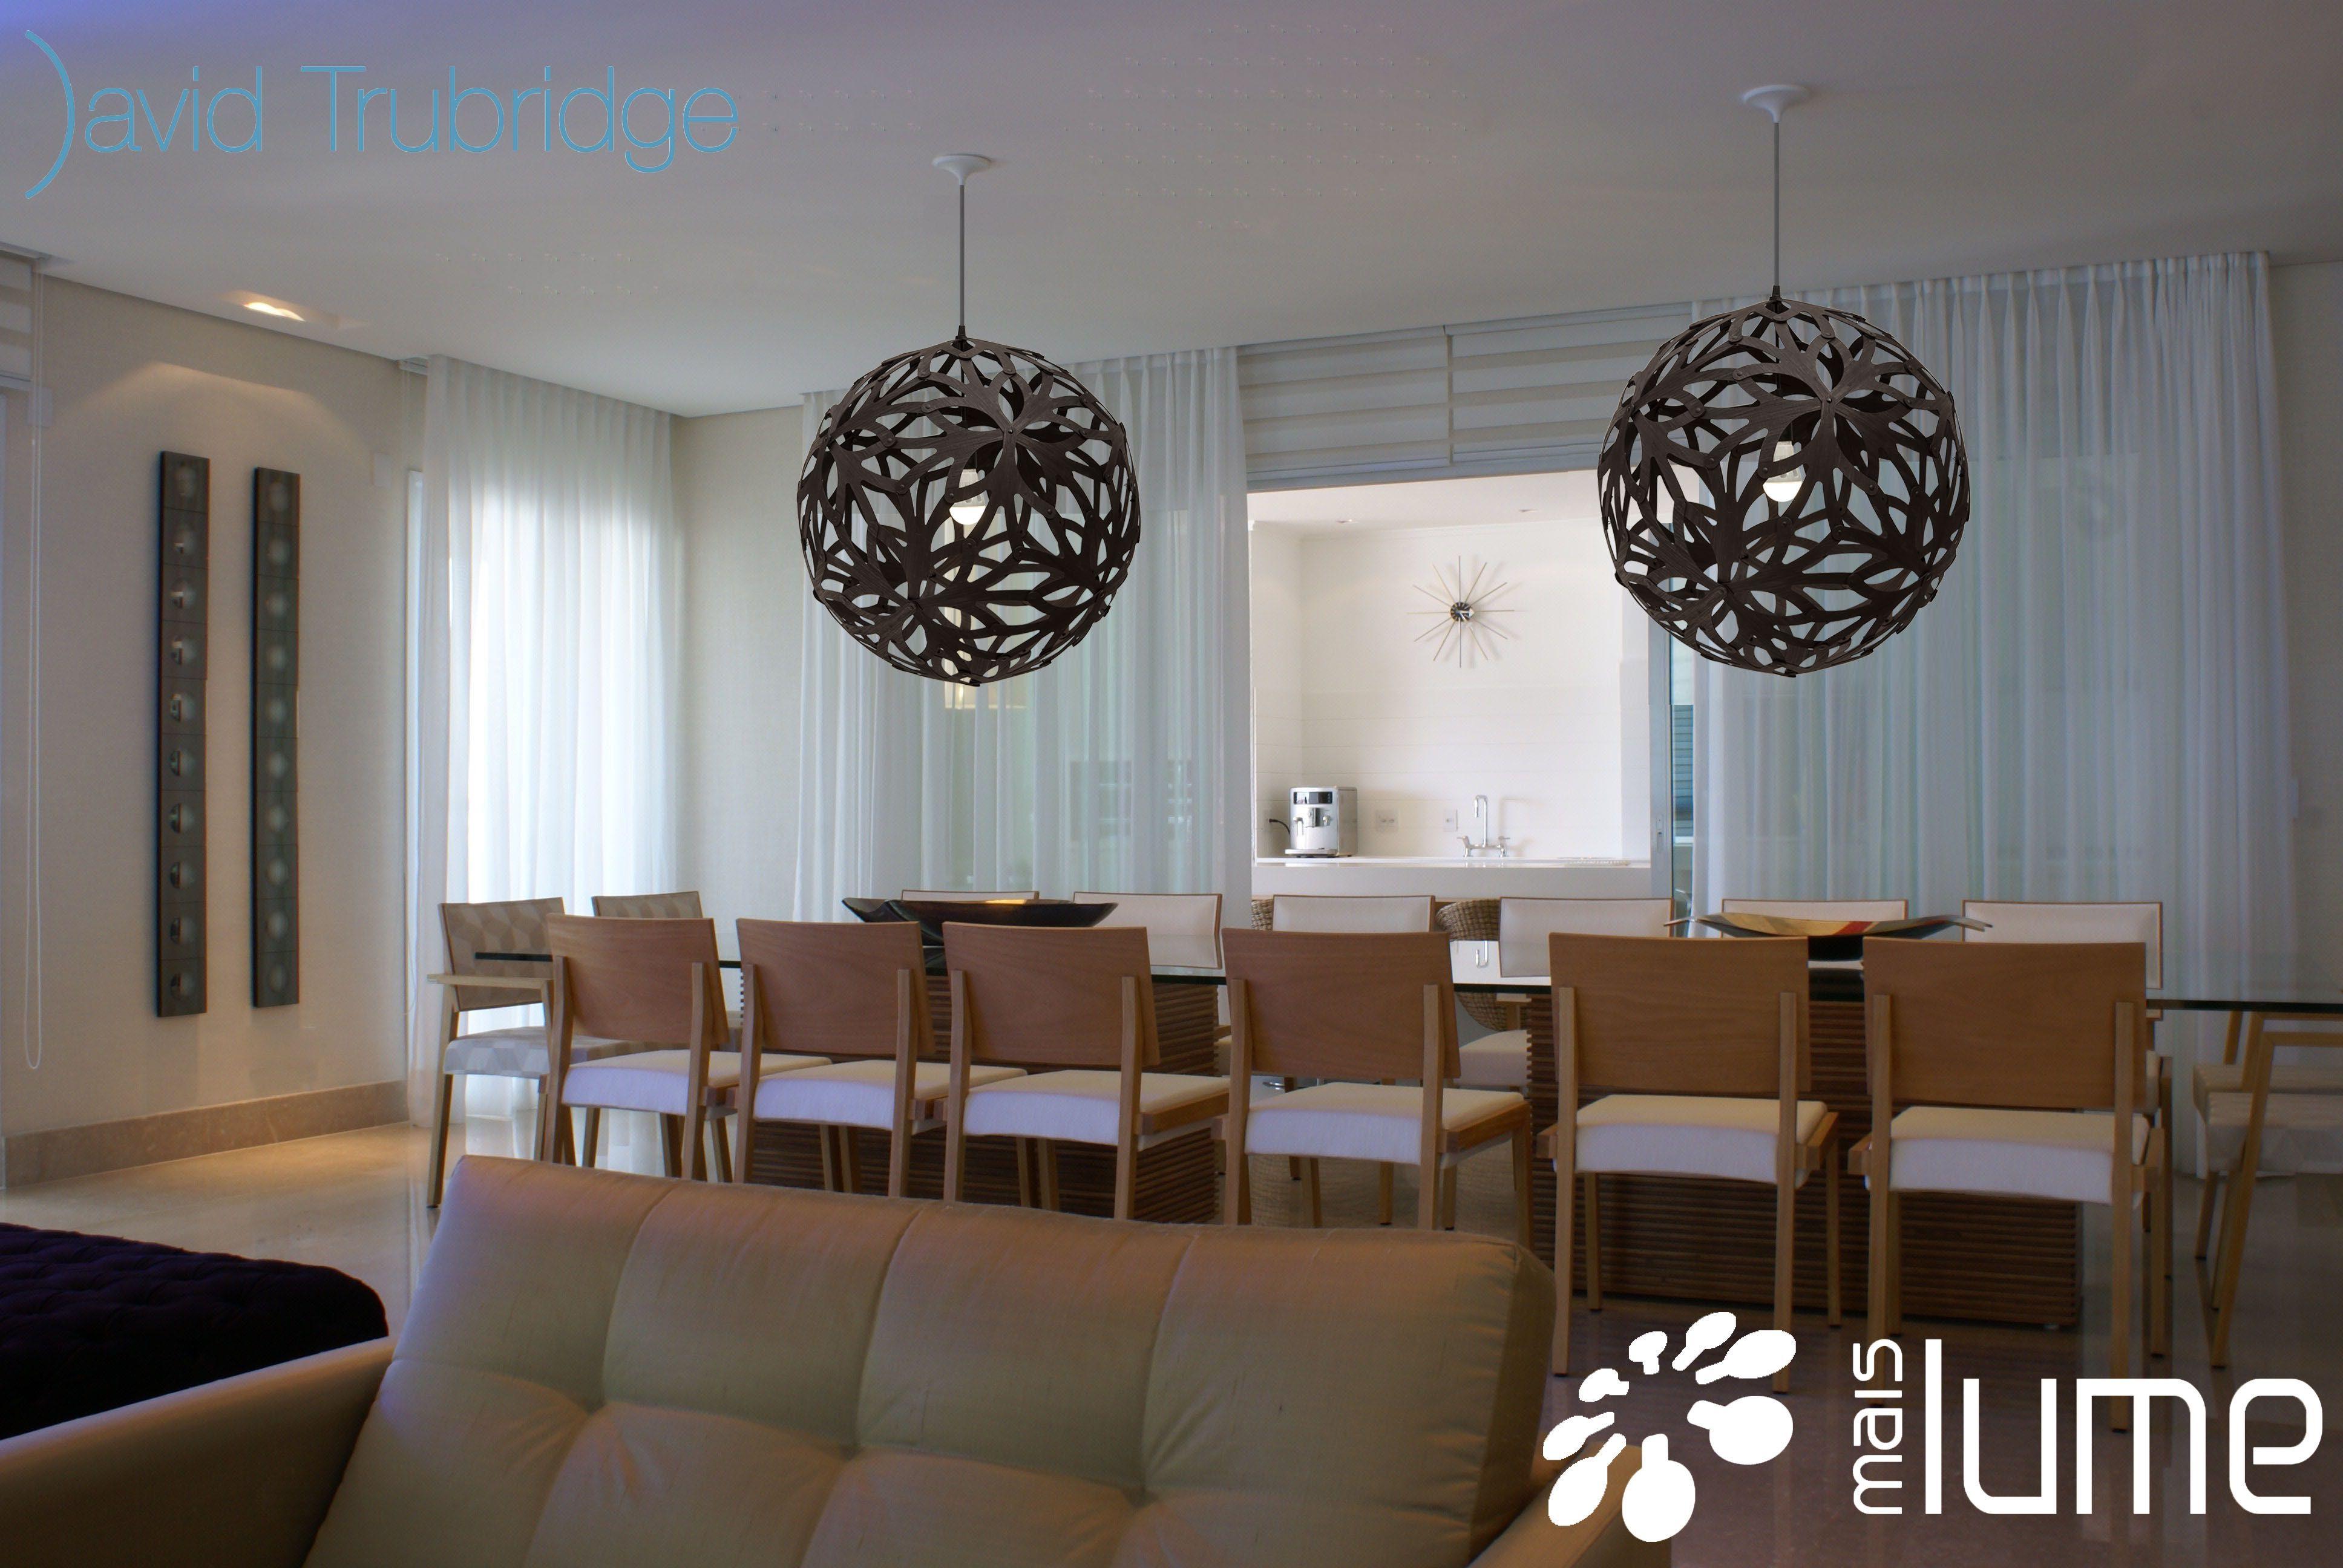 Luminária Pendente Floral - David trubridge - Mais Lume maislume@gmail.com www.maislume.com